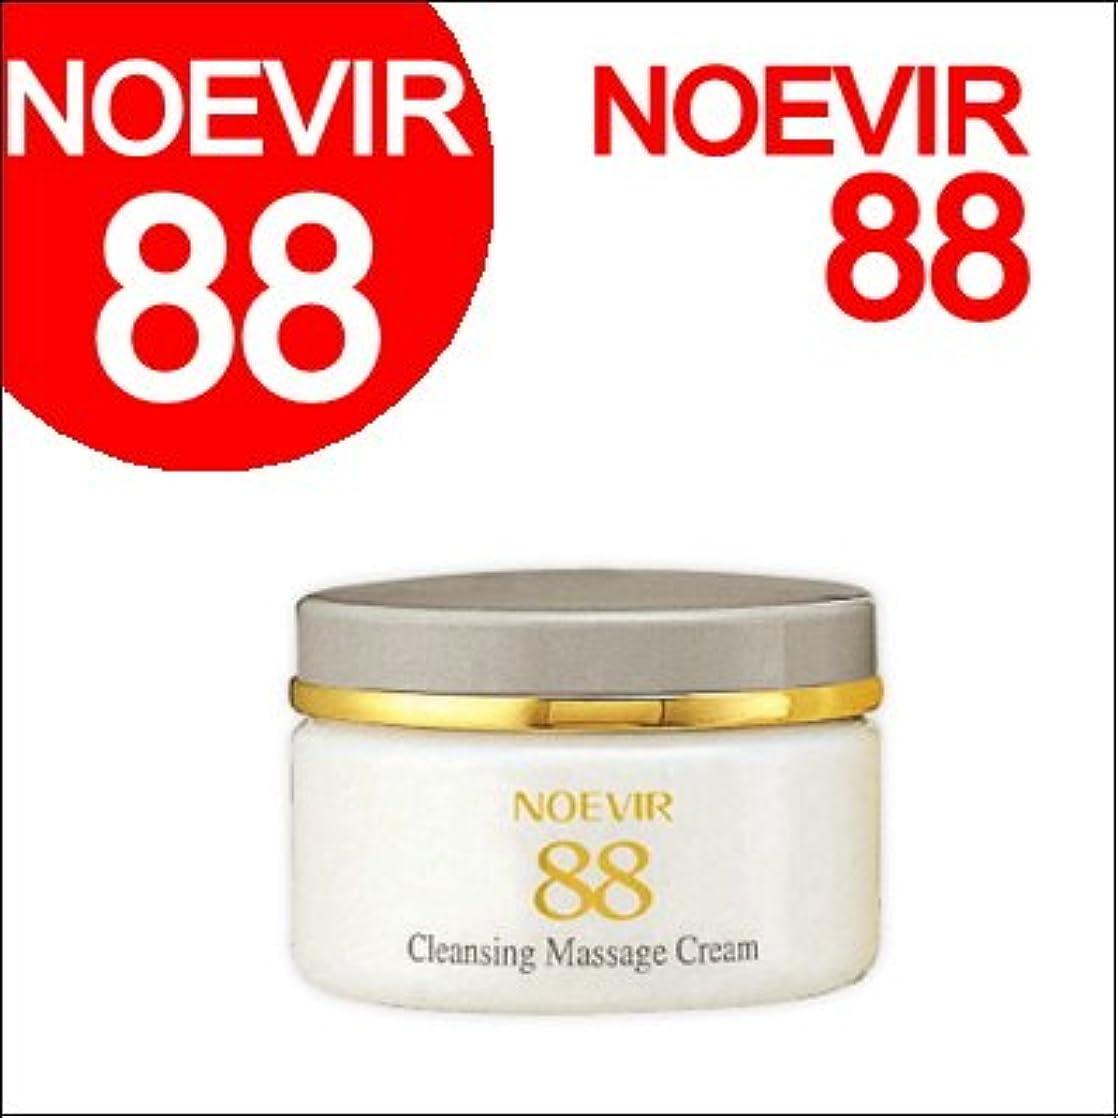 トロリー理容室ユーザーノエビア 88 クレンジングマッサージクリーム 110g [並行輸入品]